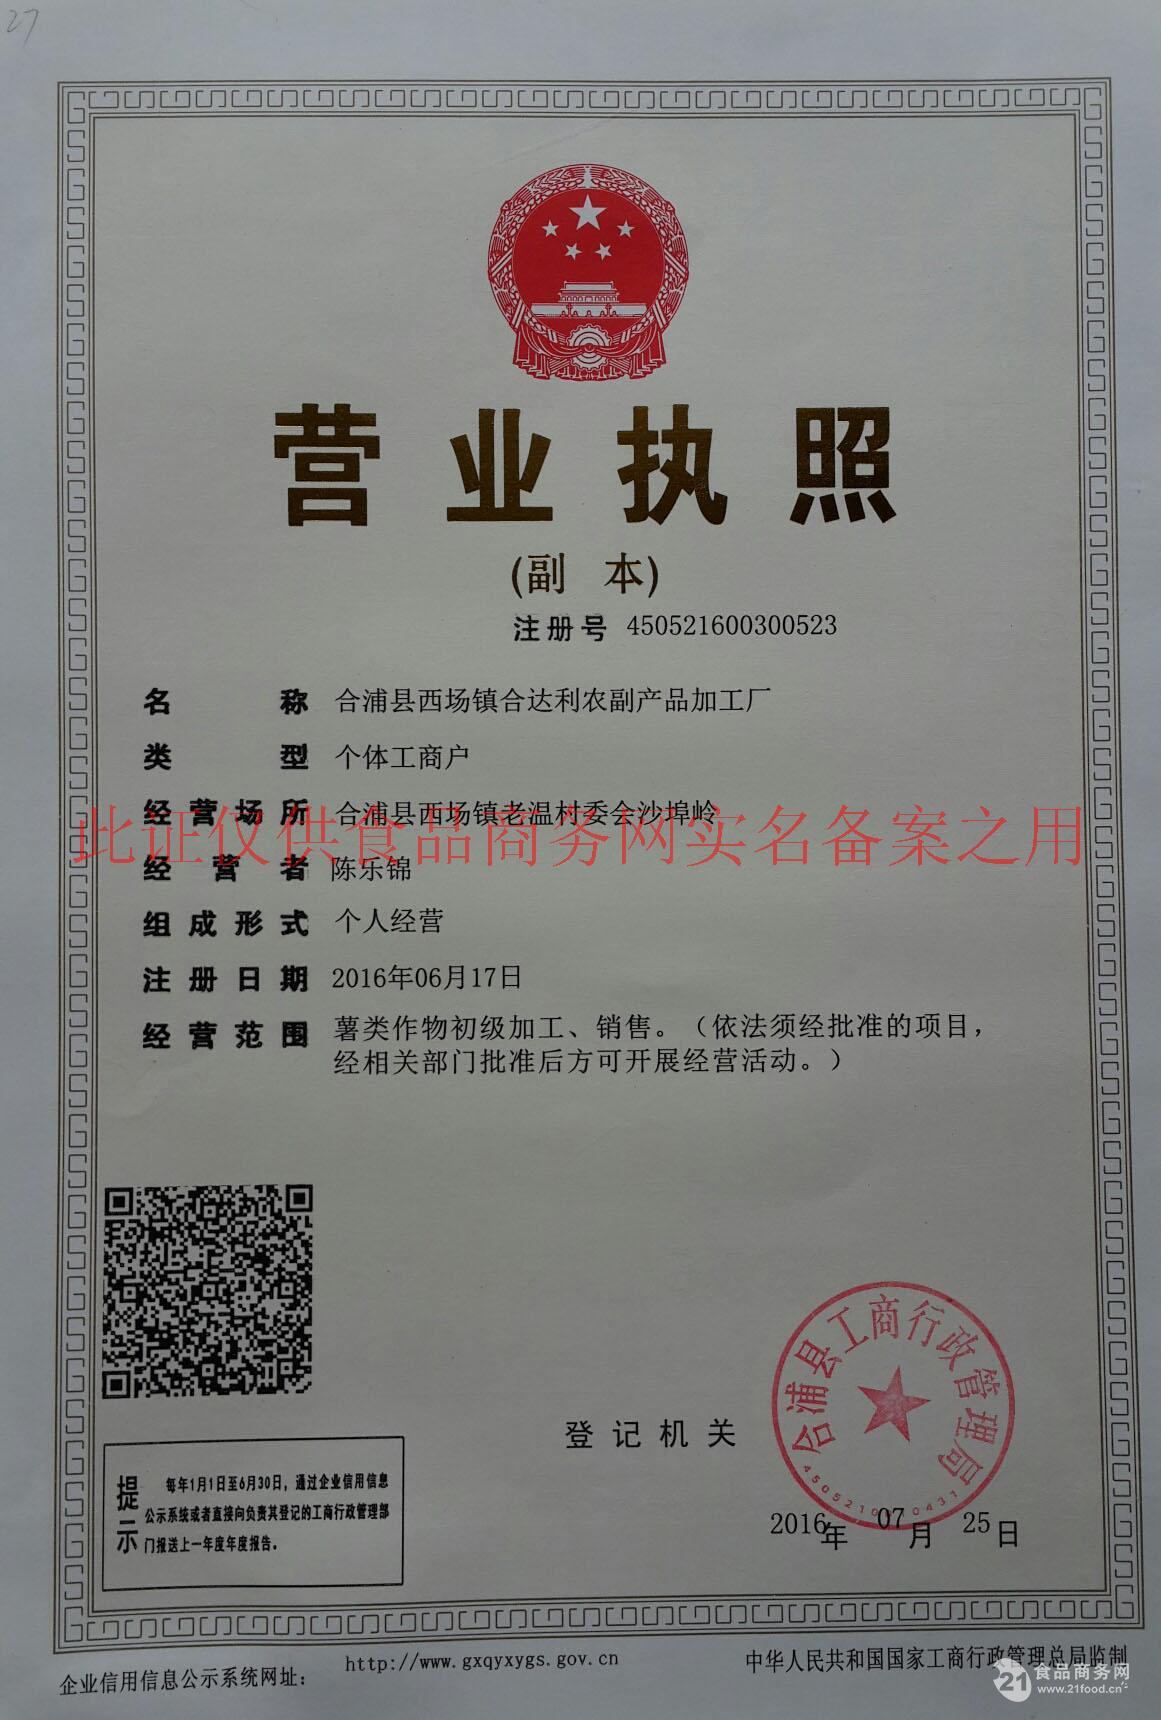 合浦县西场镇合达利农副产品加工厂图片